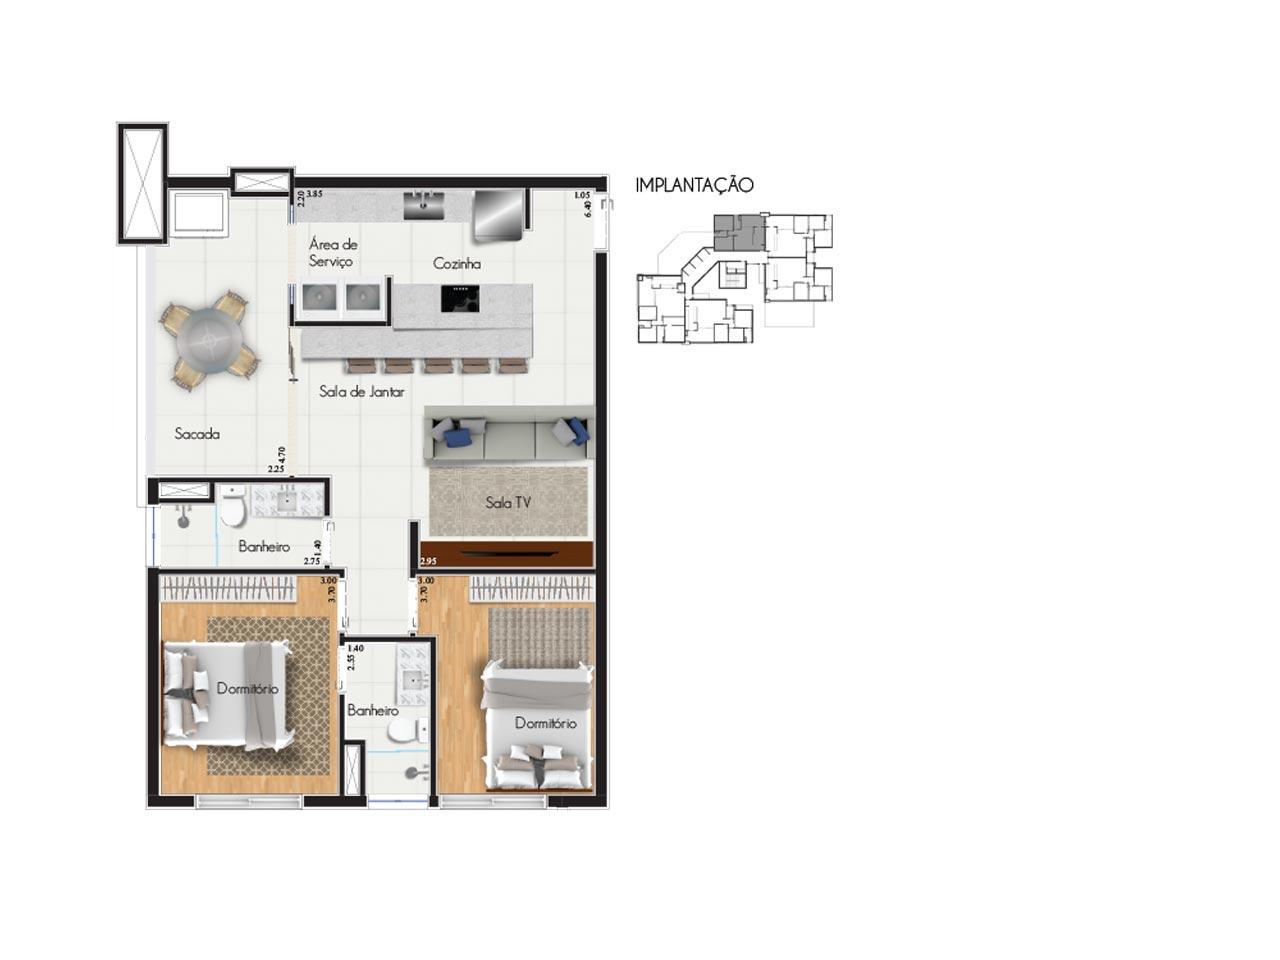 Apartamento tipo 3 - Características:2 vagas de garagem2 quartos, sendo 1 suíteVaranda com churrasqueiraSala de 2 ambientesBanheiro socialÁrea de serviçoQuadro de áreasTipo 3AÁrea privativa: 106,55m2Área total: 165,51m2Tipo 3BÁrea privativa: 96,75m2Área total: 150,28m2Área útil: 82,55m2